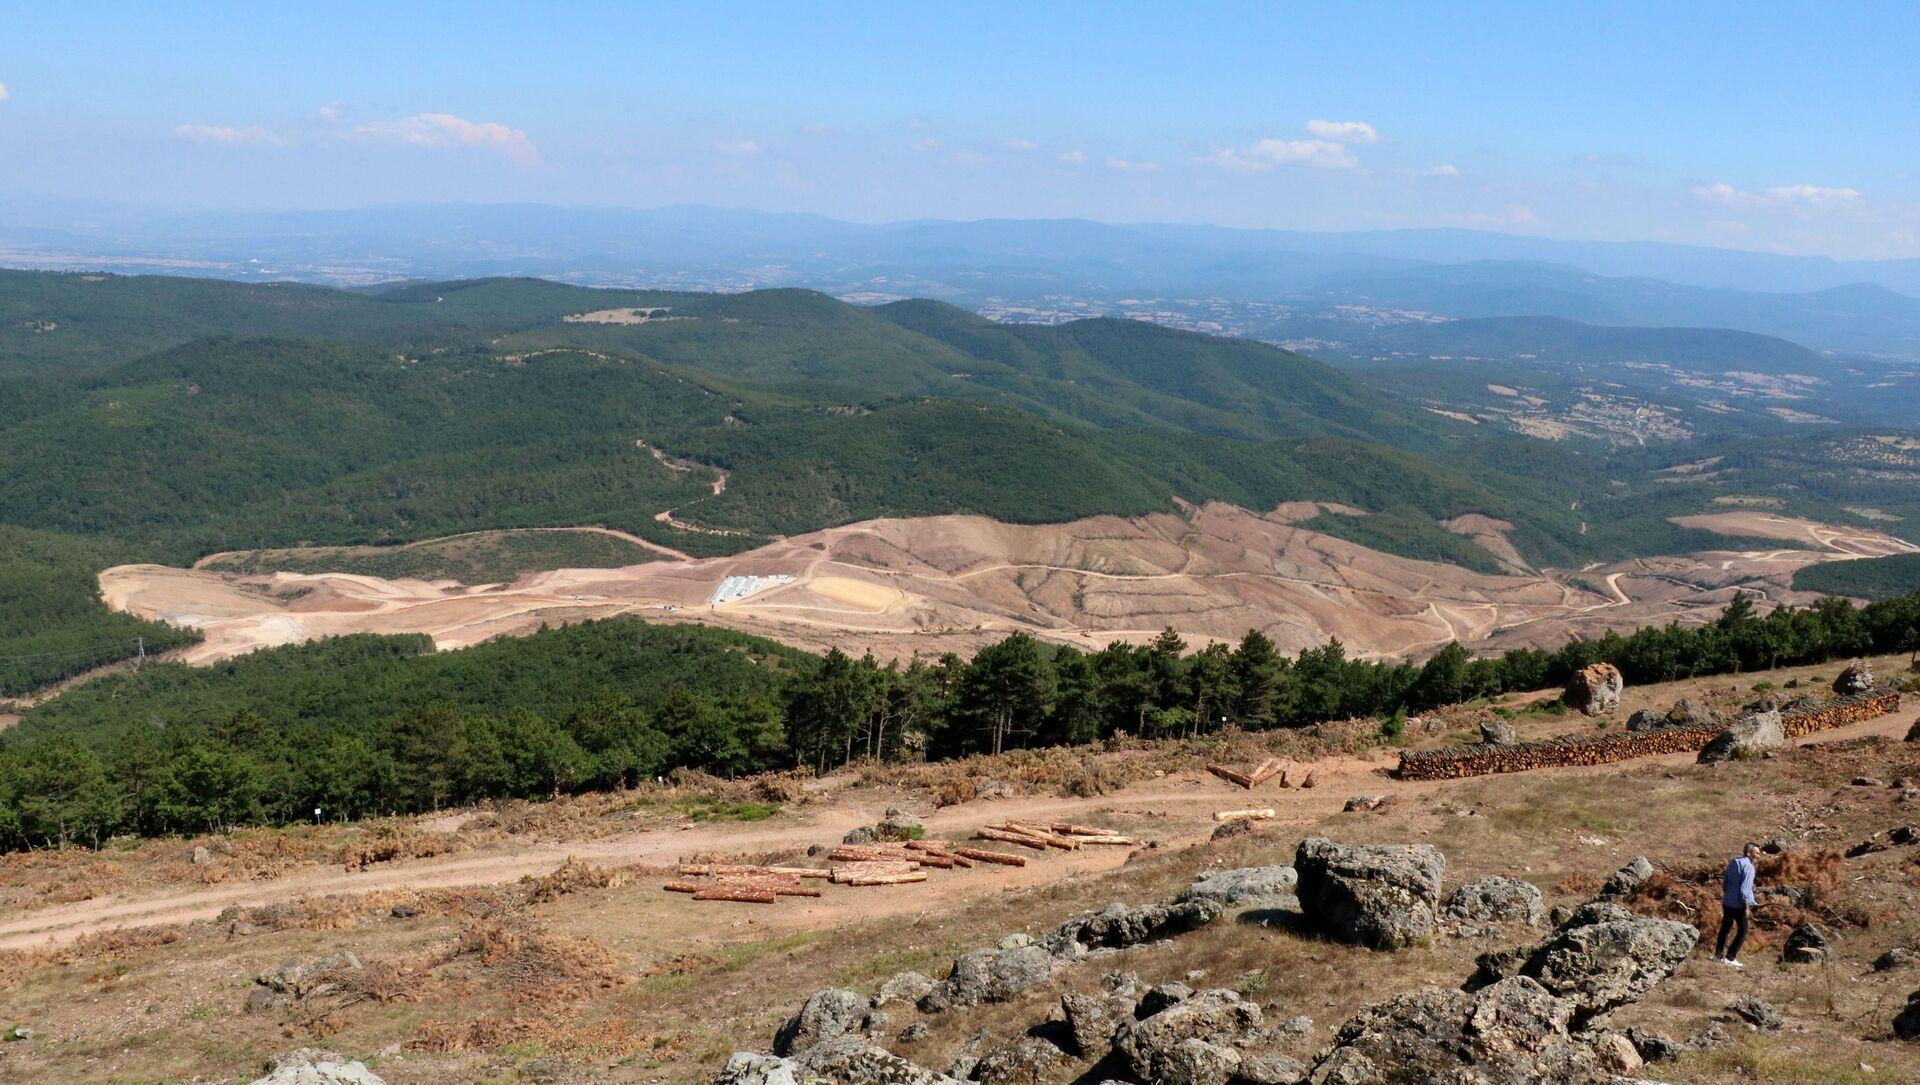 Kaz Dağları'nda altın madeni çalışmaları için binlerce ağaç kesildi. - Sputnik Türkiye, 1920, 20.04.2021